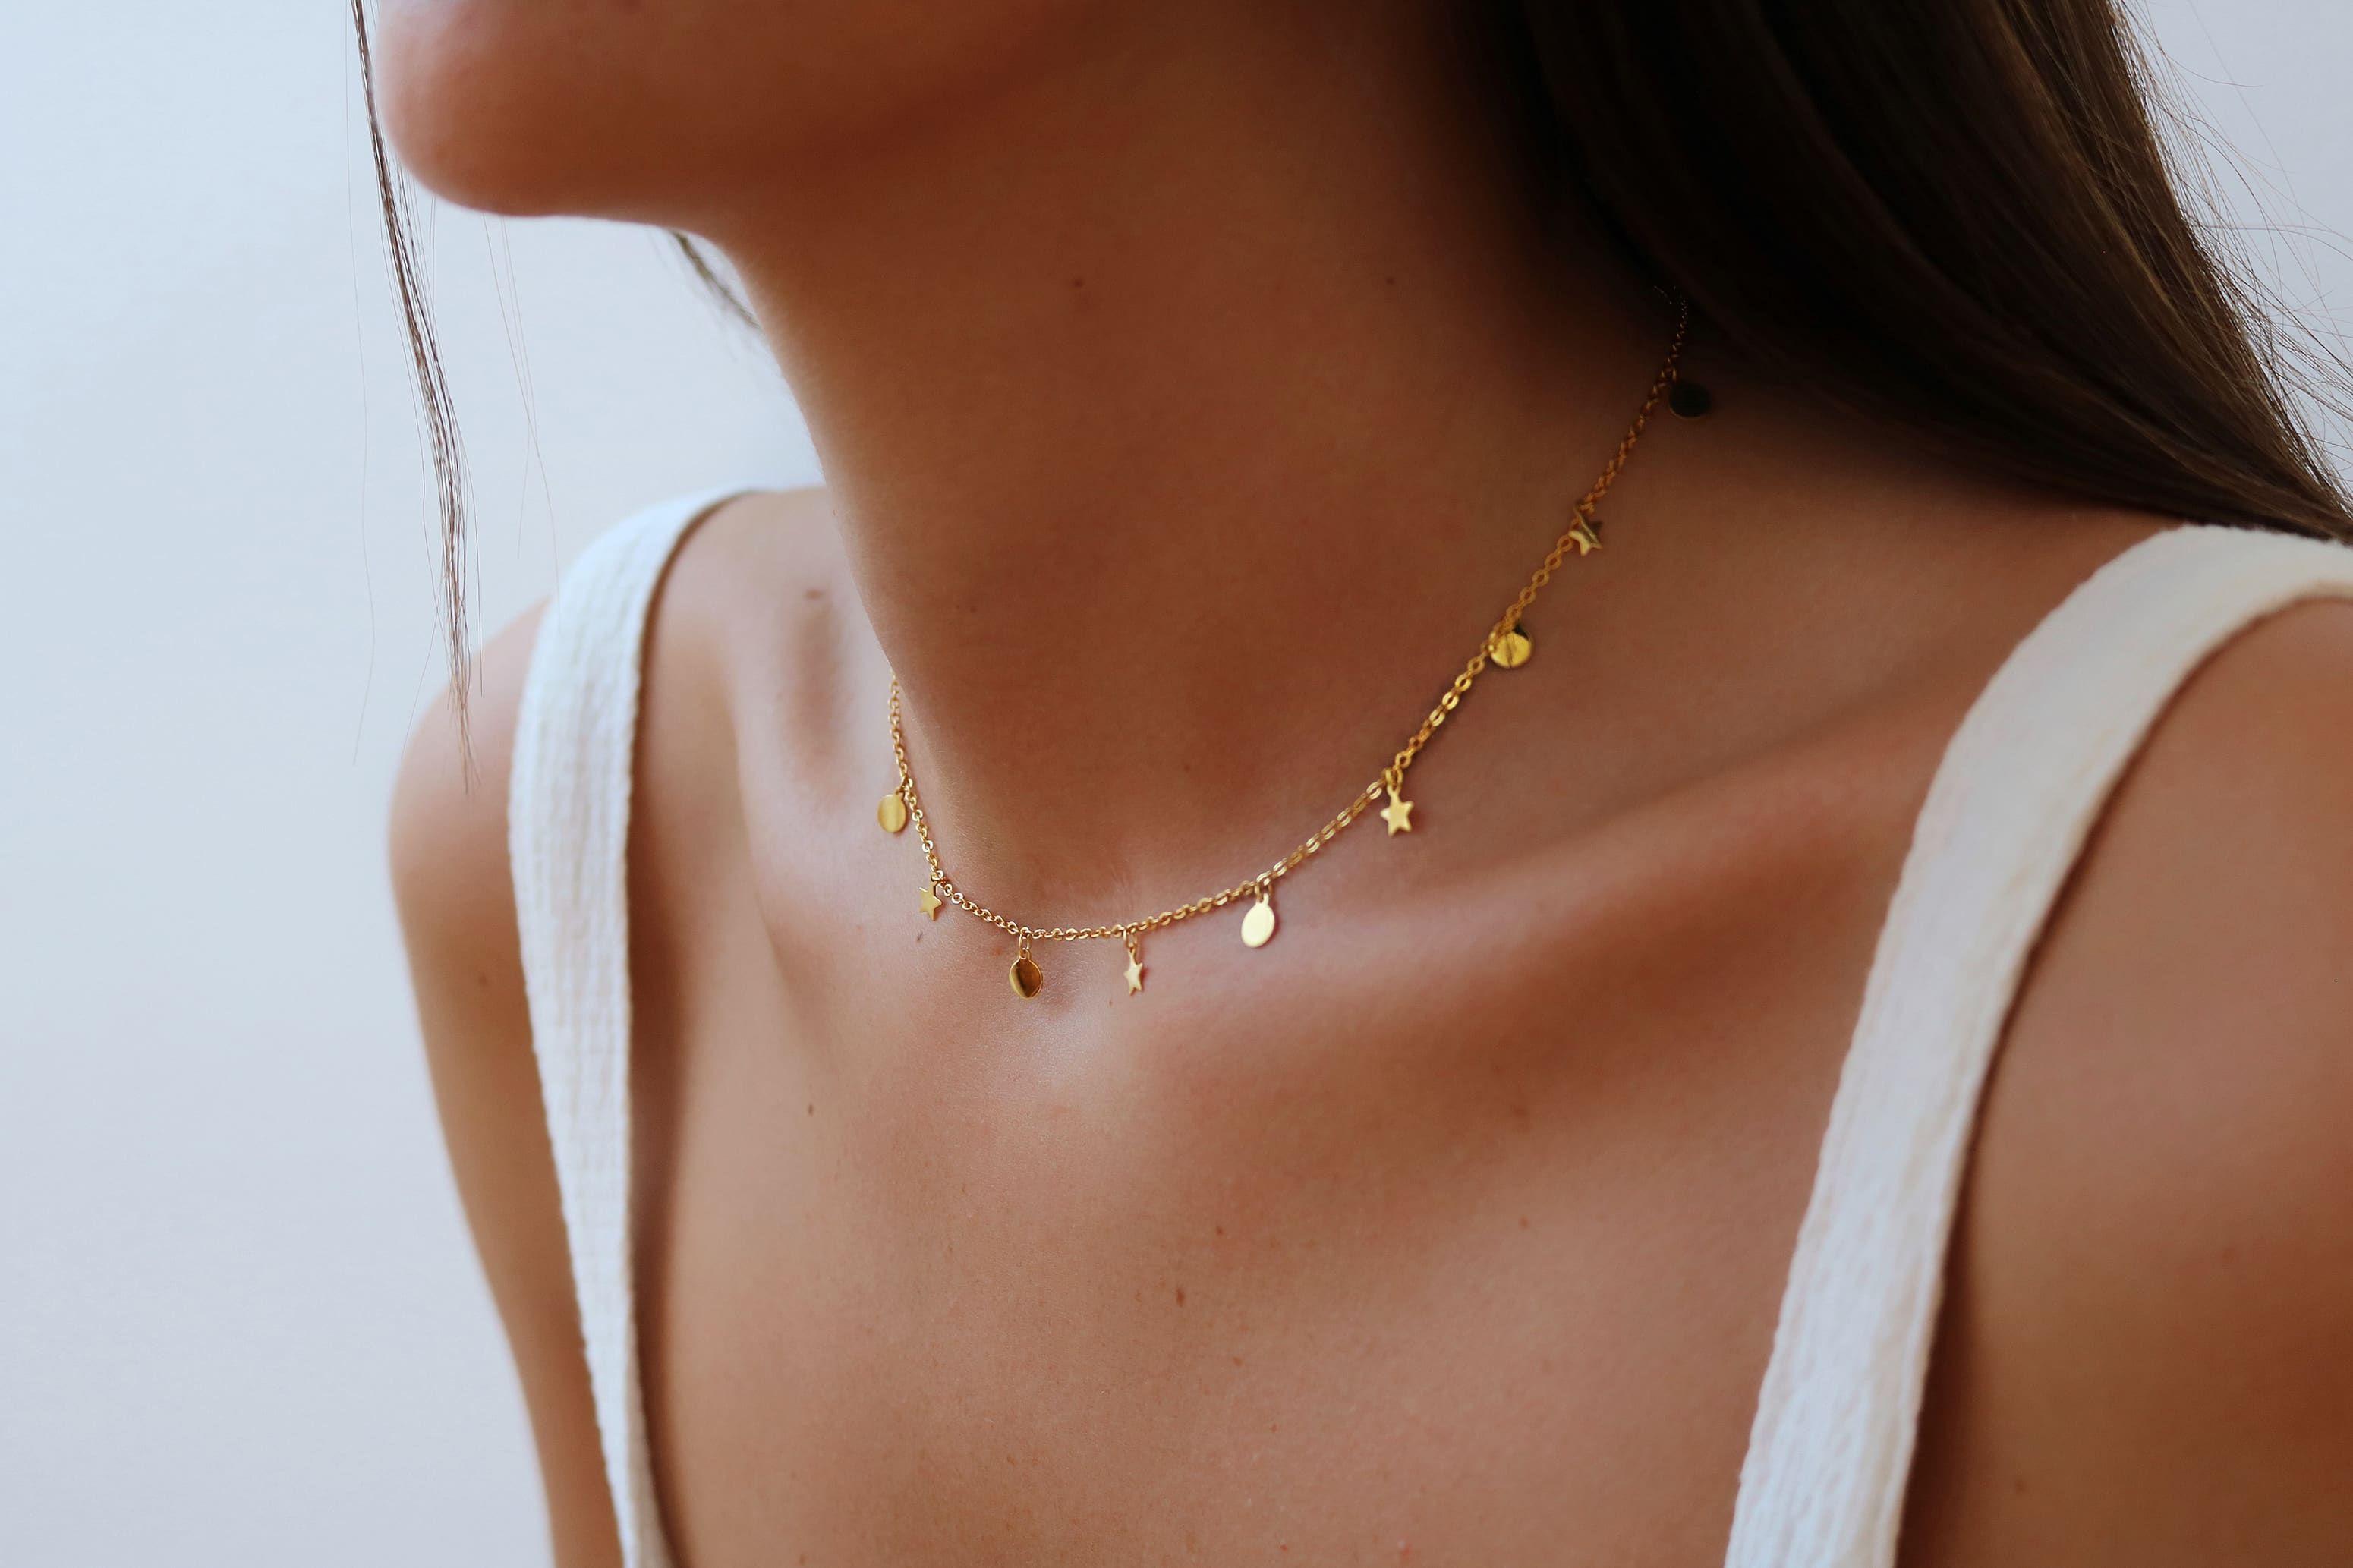 Collar Gargantilla Dashaira Estrellas Moda Gargantilla De Oro Gargantilla De Plata Collar De Moda